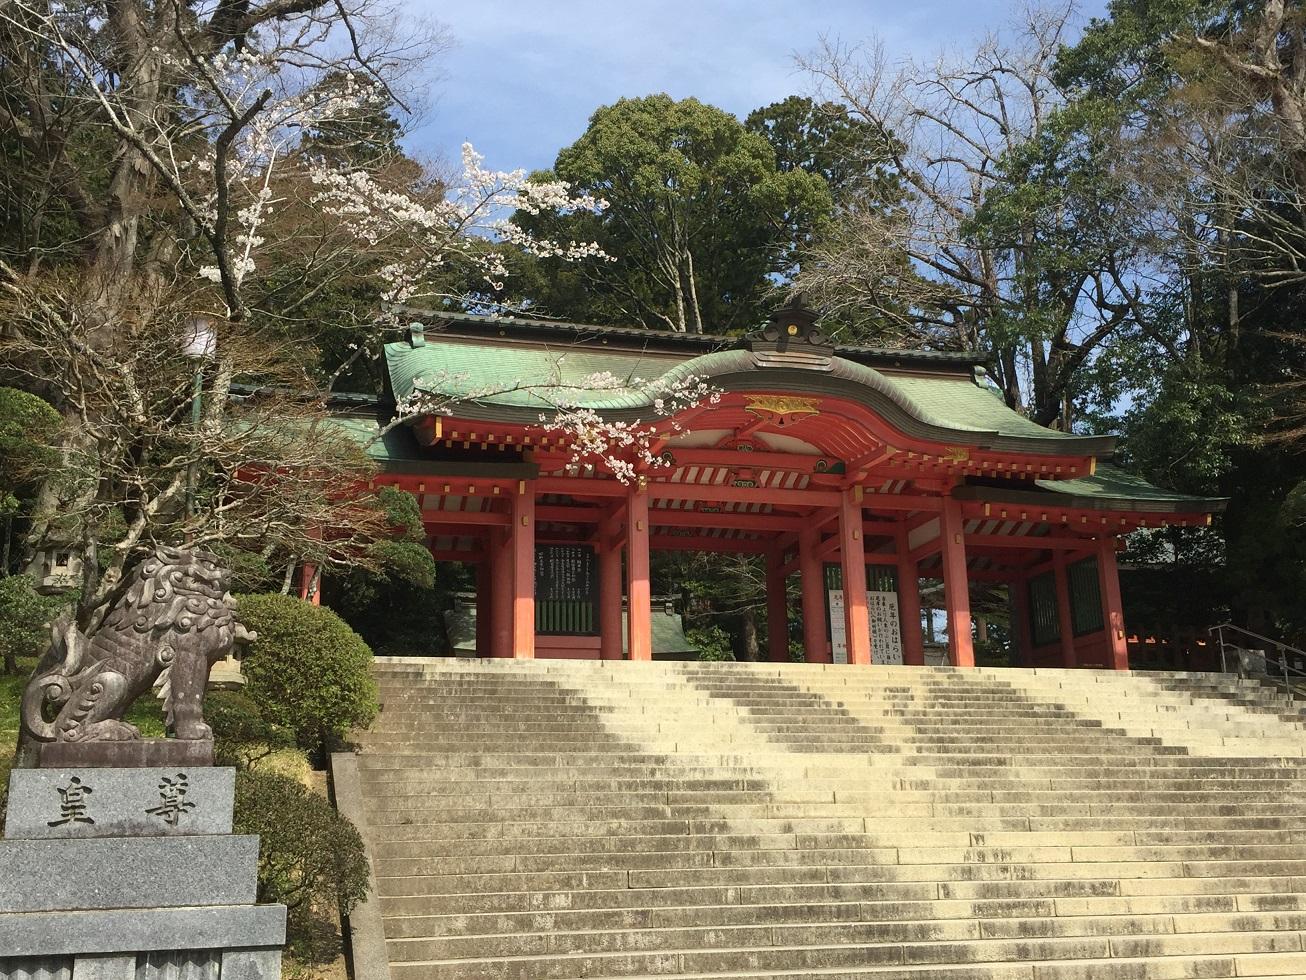 【東国三社】桜が美しい季節の『香取神宮』に参拝してきました!車ならアクセスも容易です♪